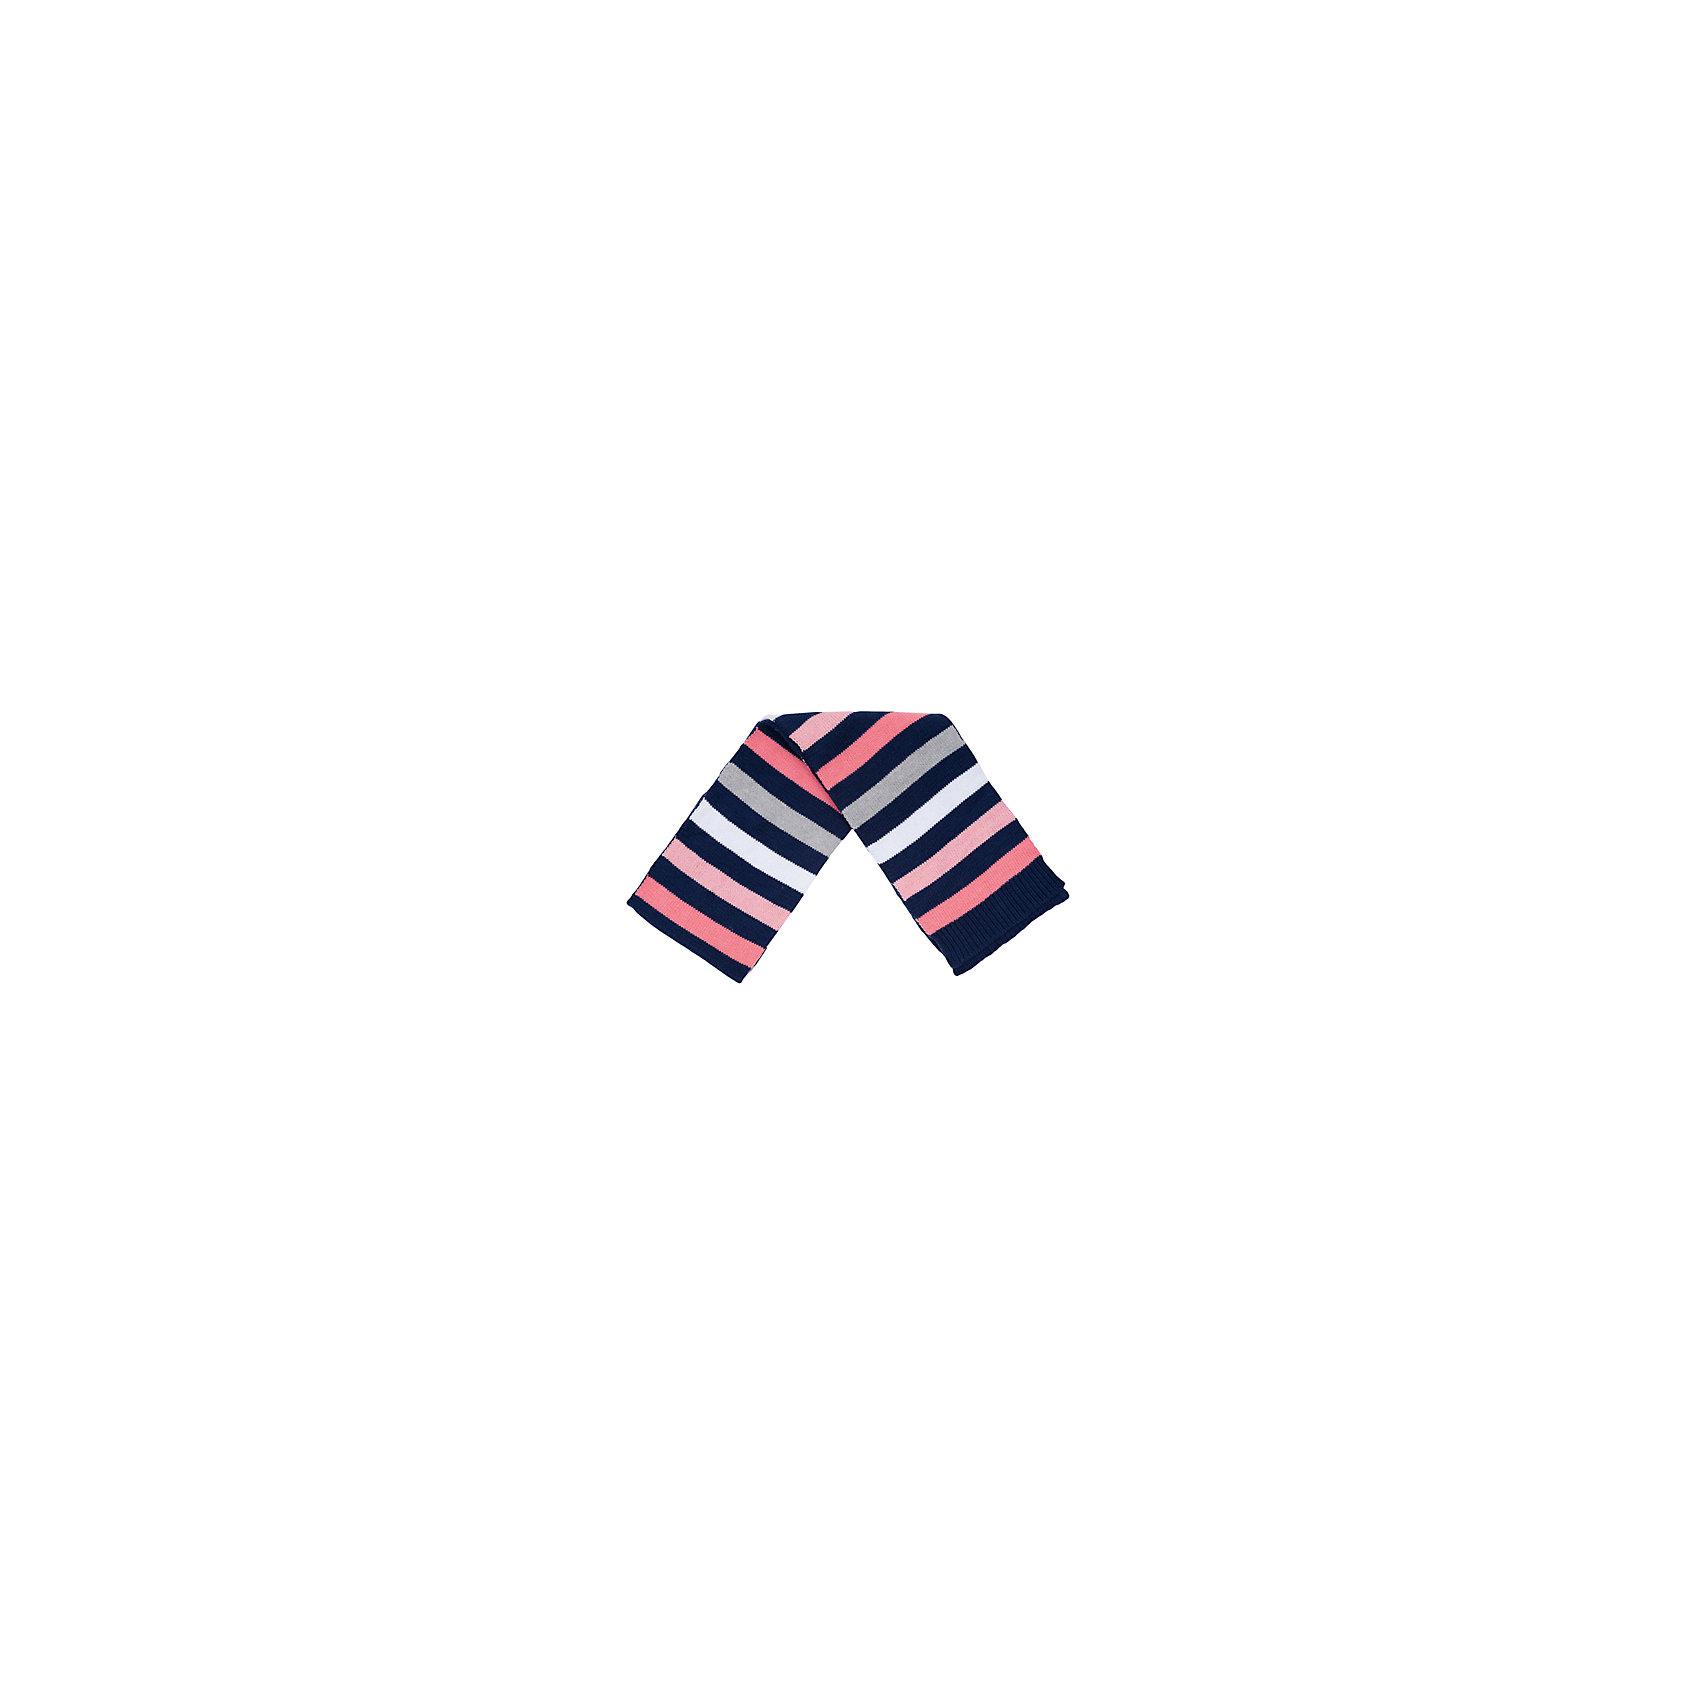 Шарф для девочки PlayTodayШарф для девочки от известного бренда PlayToday.<br>Уютных шарф в яркую полоску. Надежно защитит от ветра и поднимет настроение в холодную погоду.<br>Состав:<br>60% хлопок, 40% акрил<br><br>Ширина мм: 157<br>Глубина мм: 13<br>Высота мм: 119<br>Вес г: 200<br>Цвет: разноцветный<br>Возраст от месяцев: 0<br>Возраст до месяцев: 24<br>Пол: Женский<br>Возраст: Детский<br>Размер: one size<br>SKU: 4900659